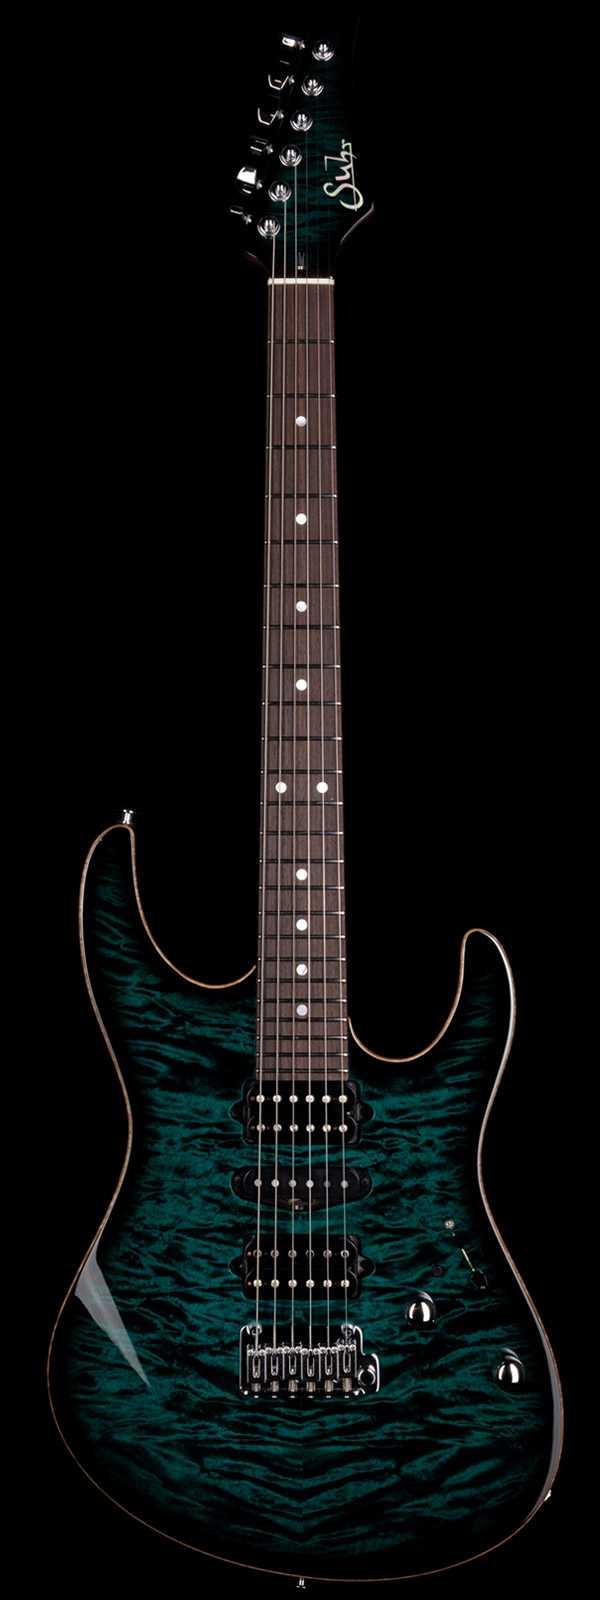 Suhr Custom Modern Quilt Maple Top Roasted Maple Neck Blue Green Black Burst